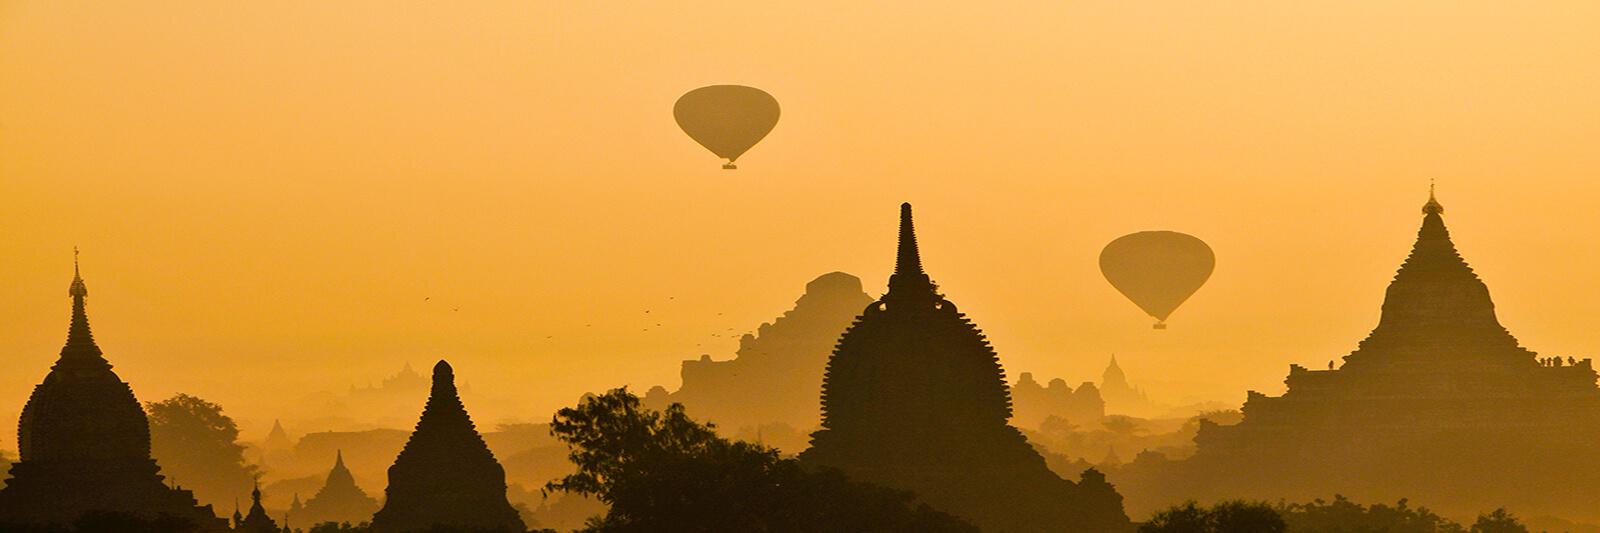 Hot air ballons over old Bagan, Myanmar at sunset